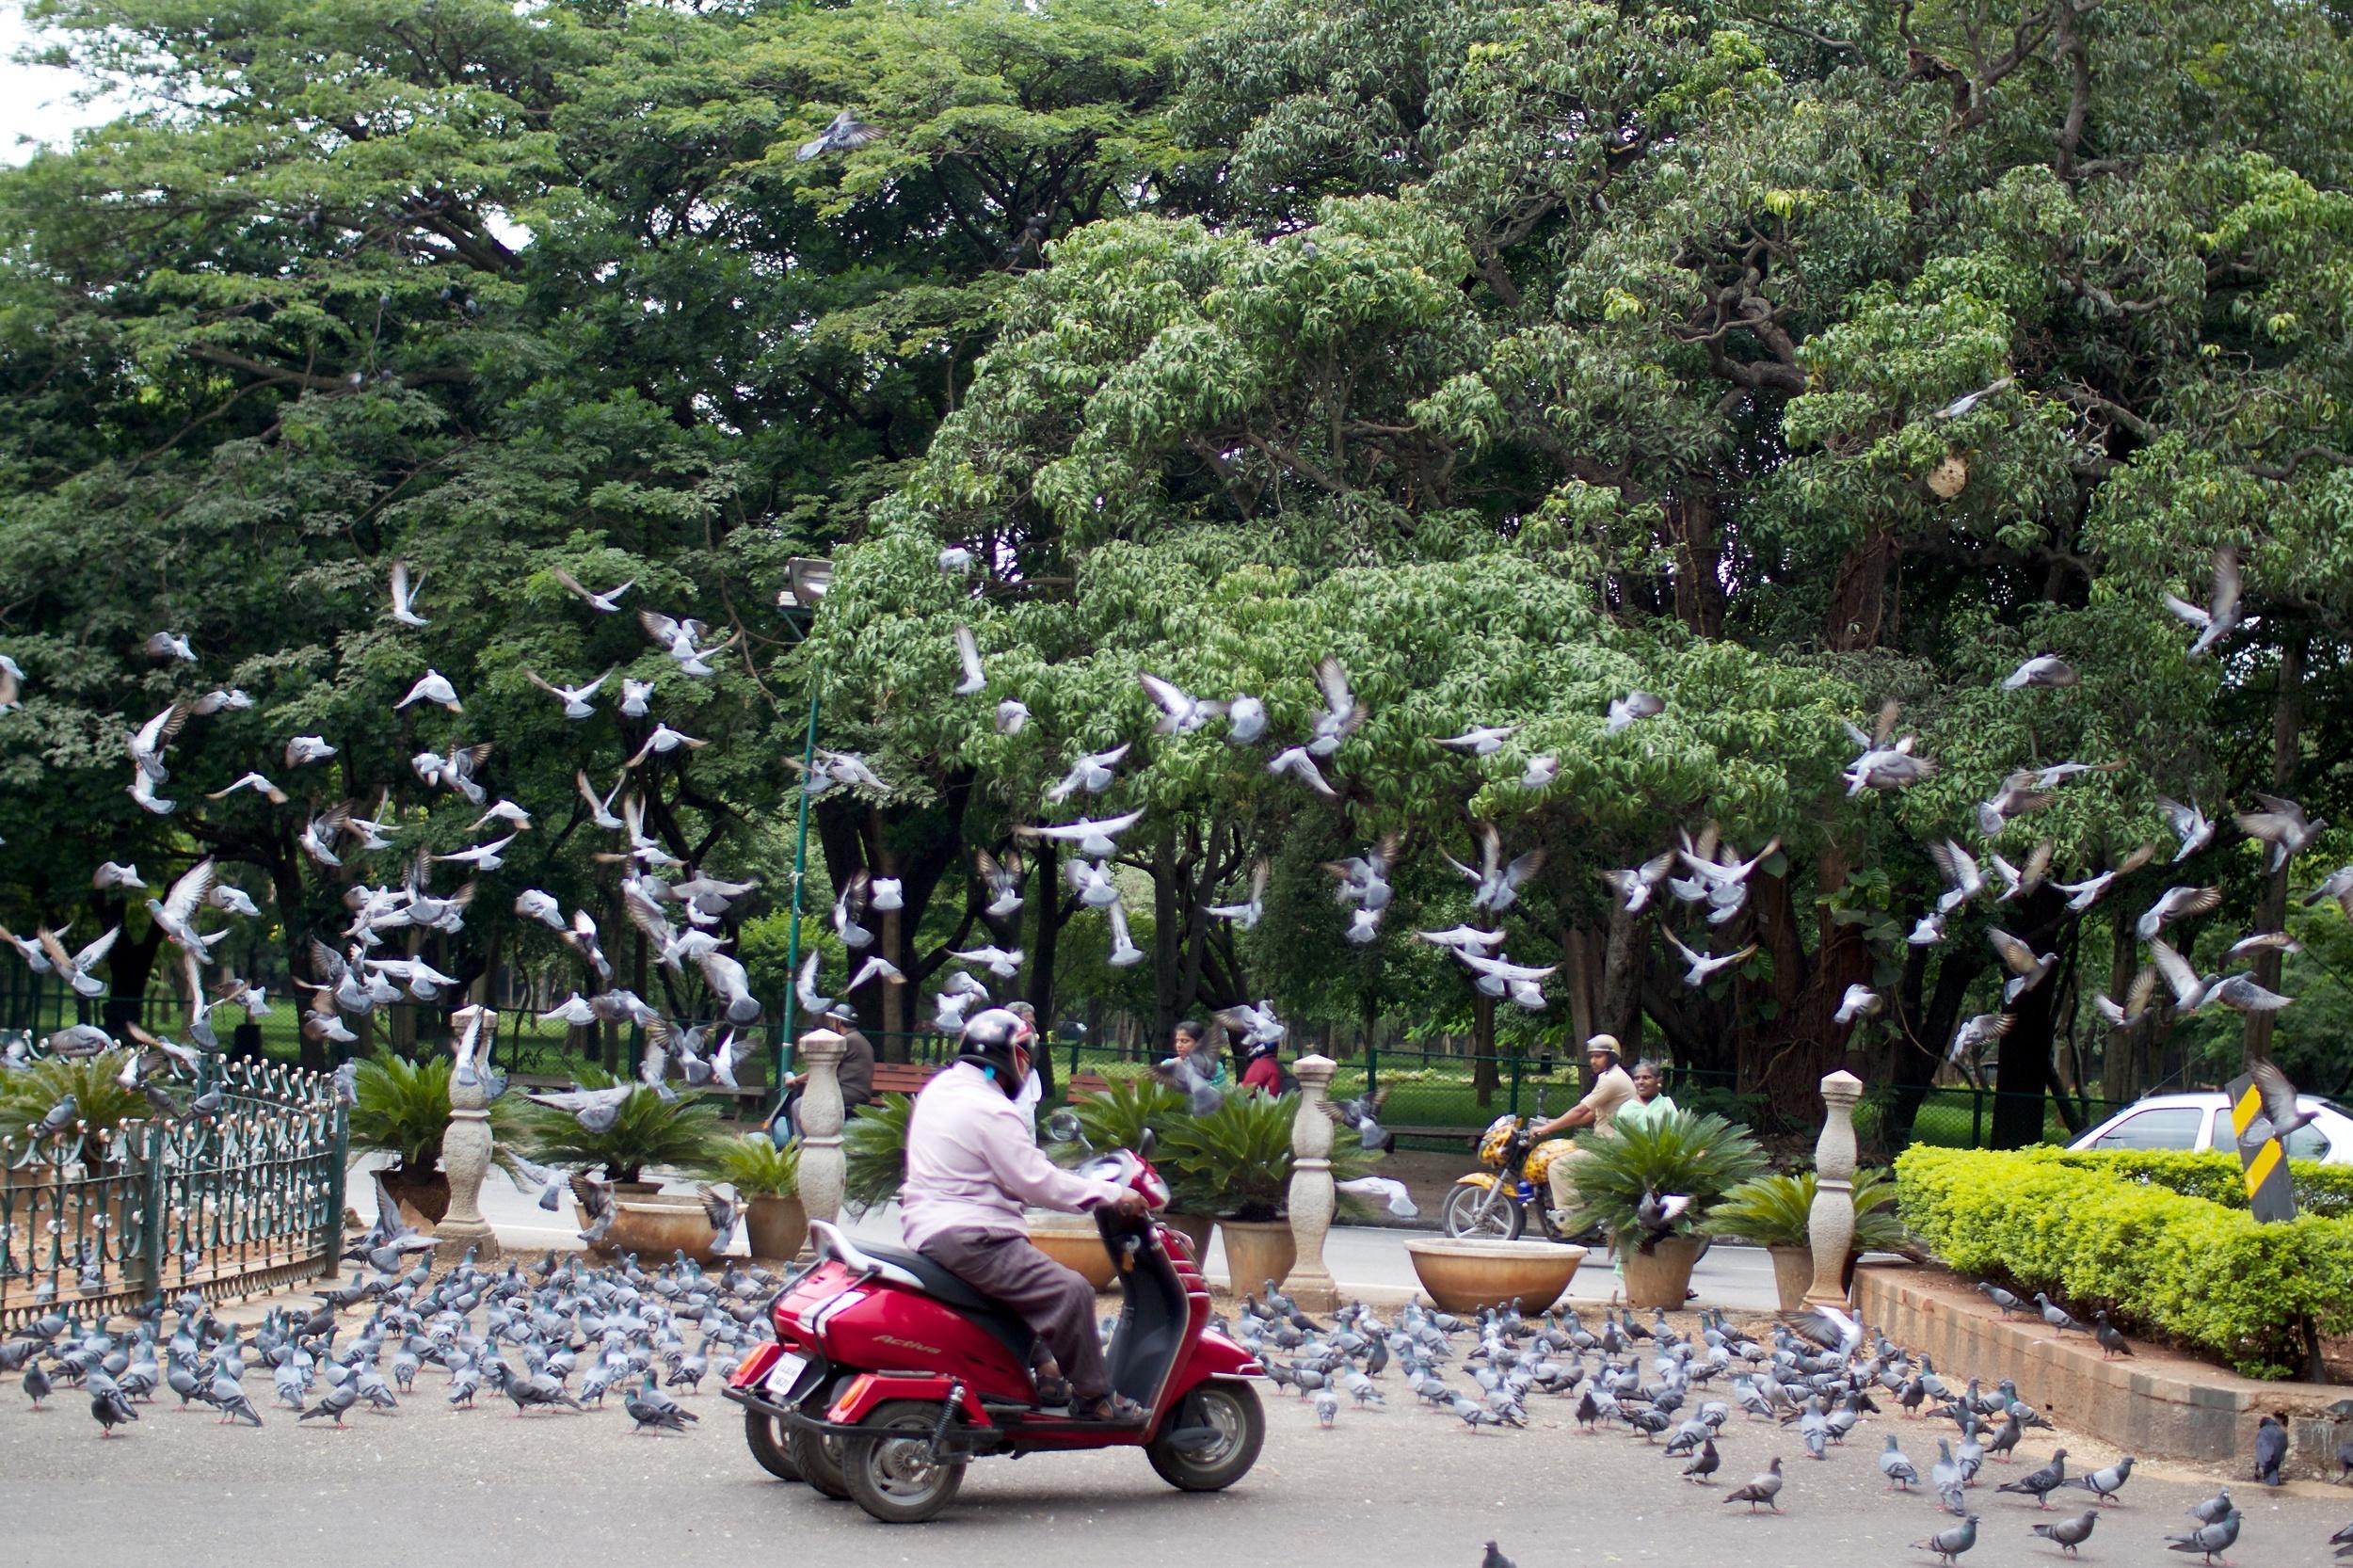 120804-11-22-32-Bangalore-Scooter-among-pigeons.jpg